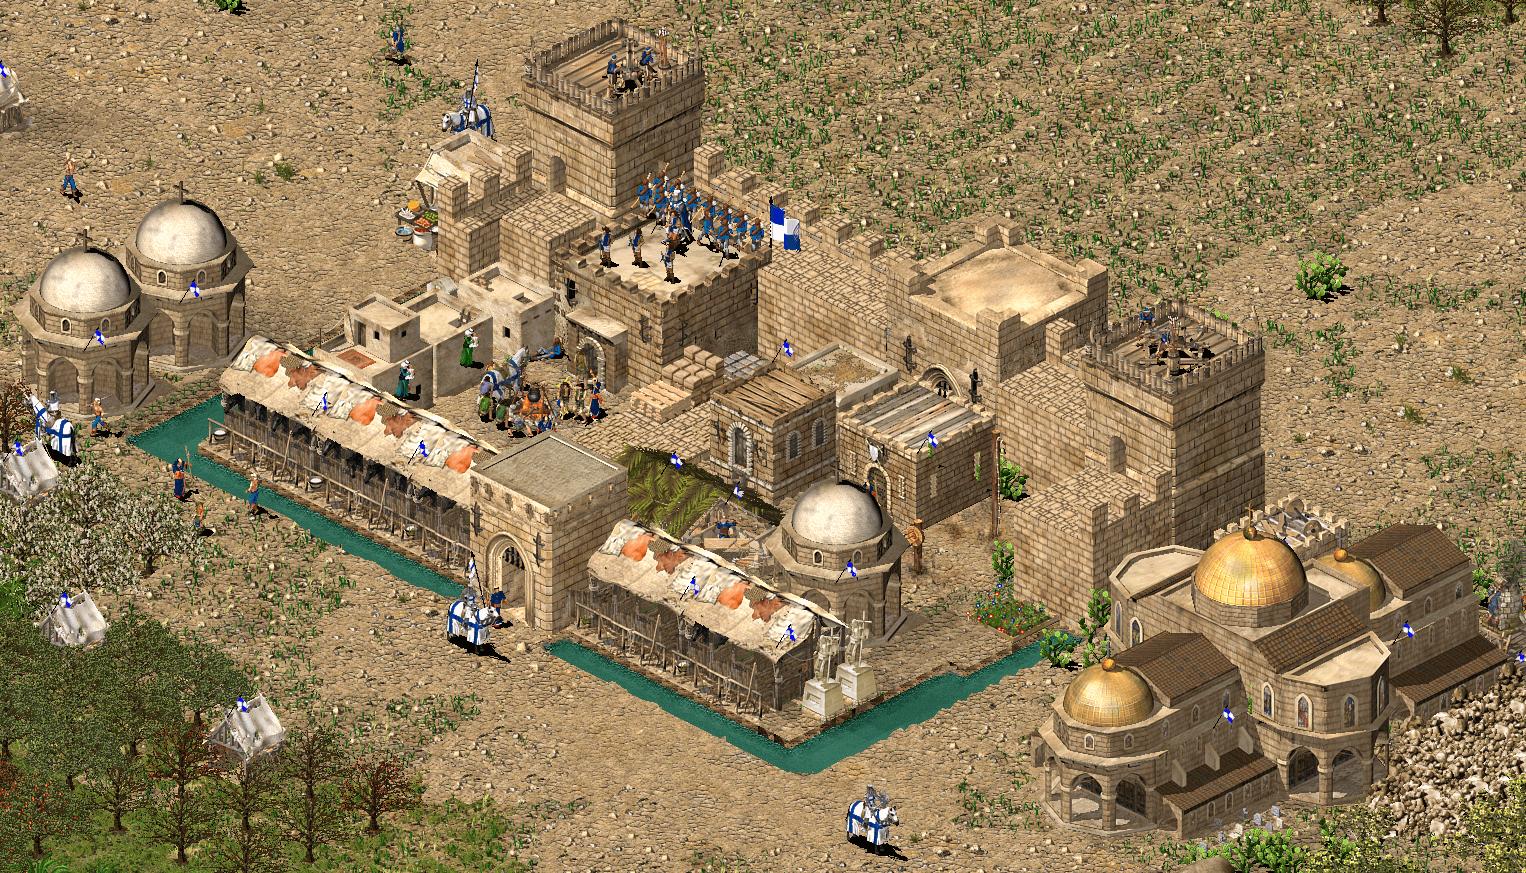 フィリップの要塞